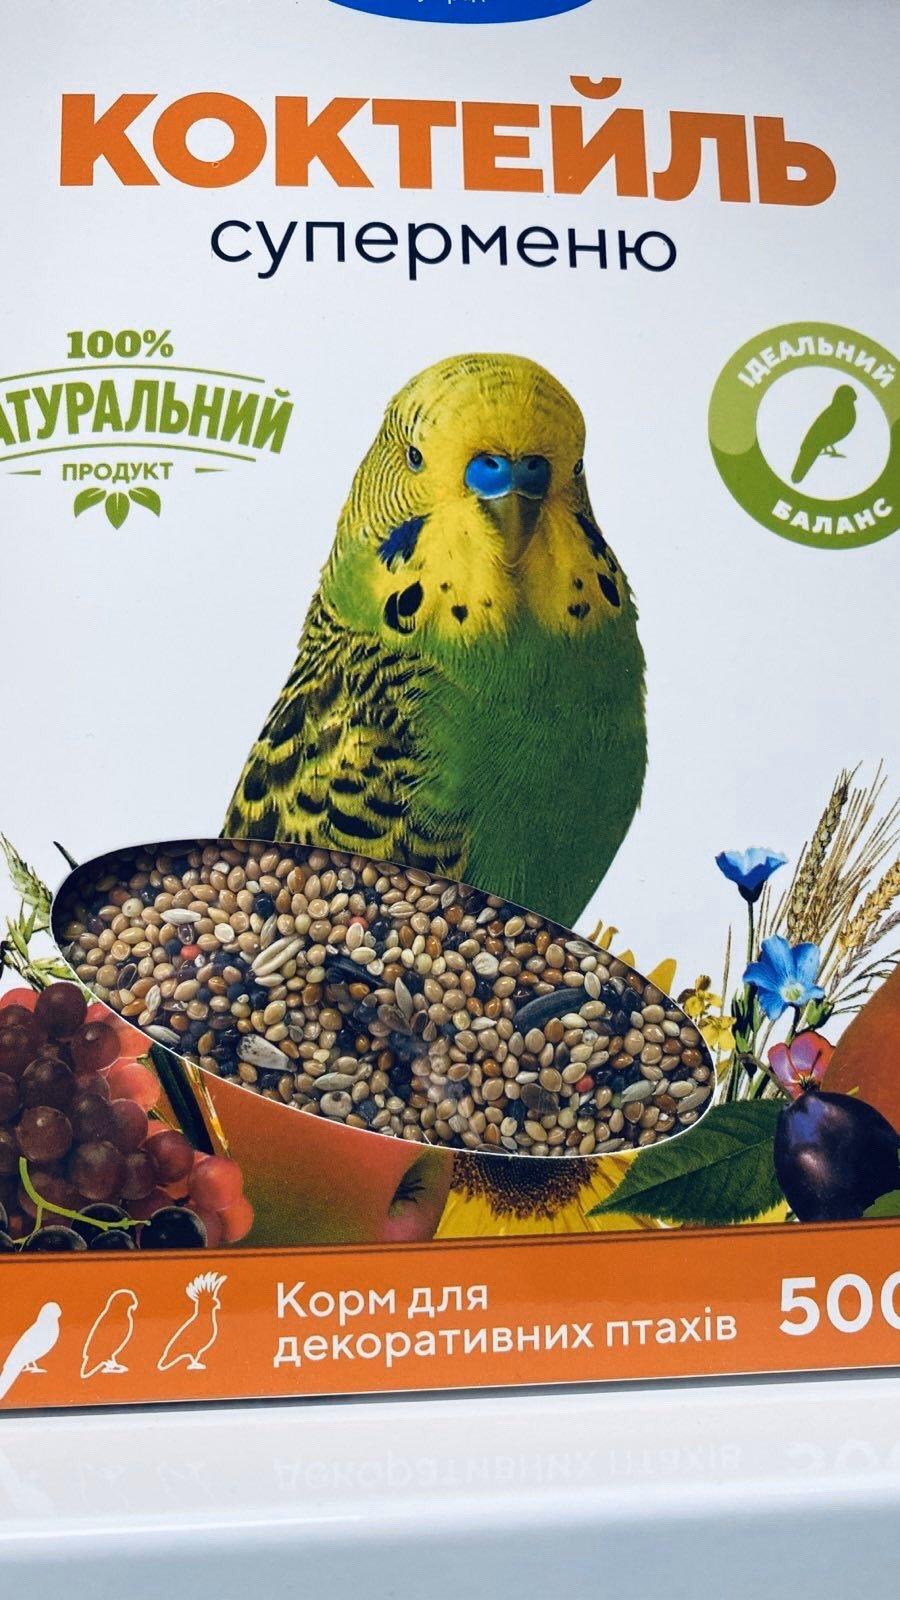 Доставка зоотоваров в Бердянске, фото-9